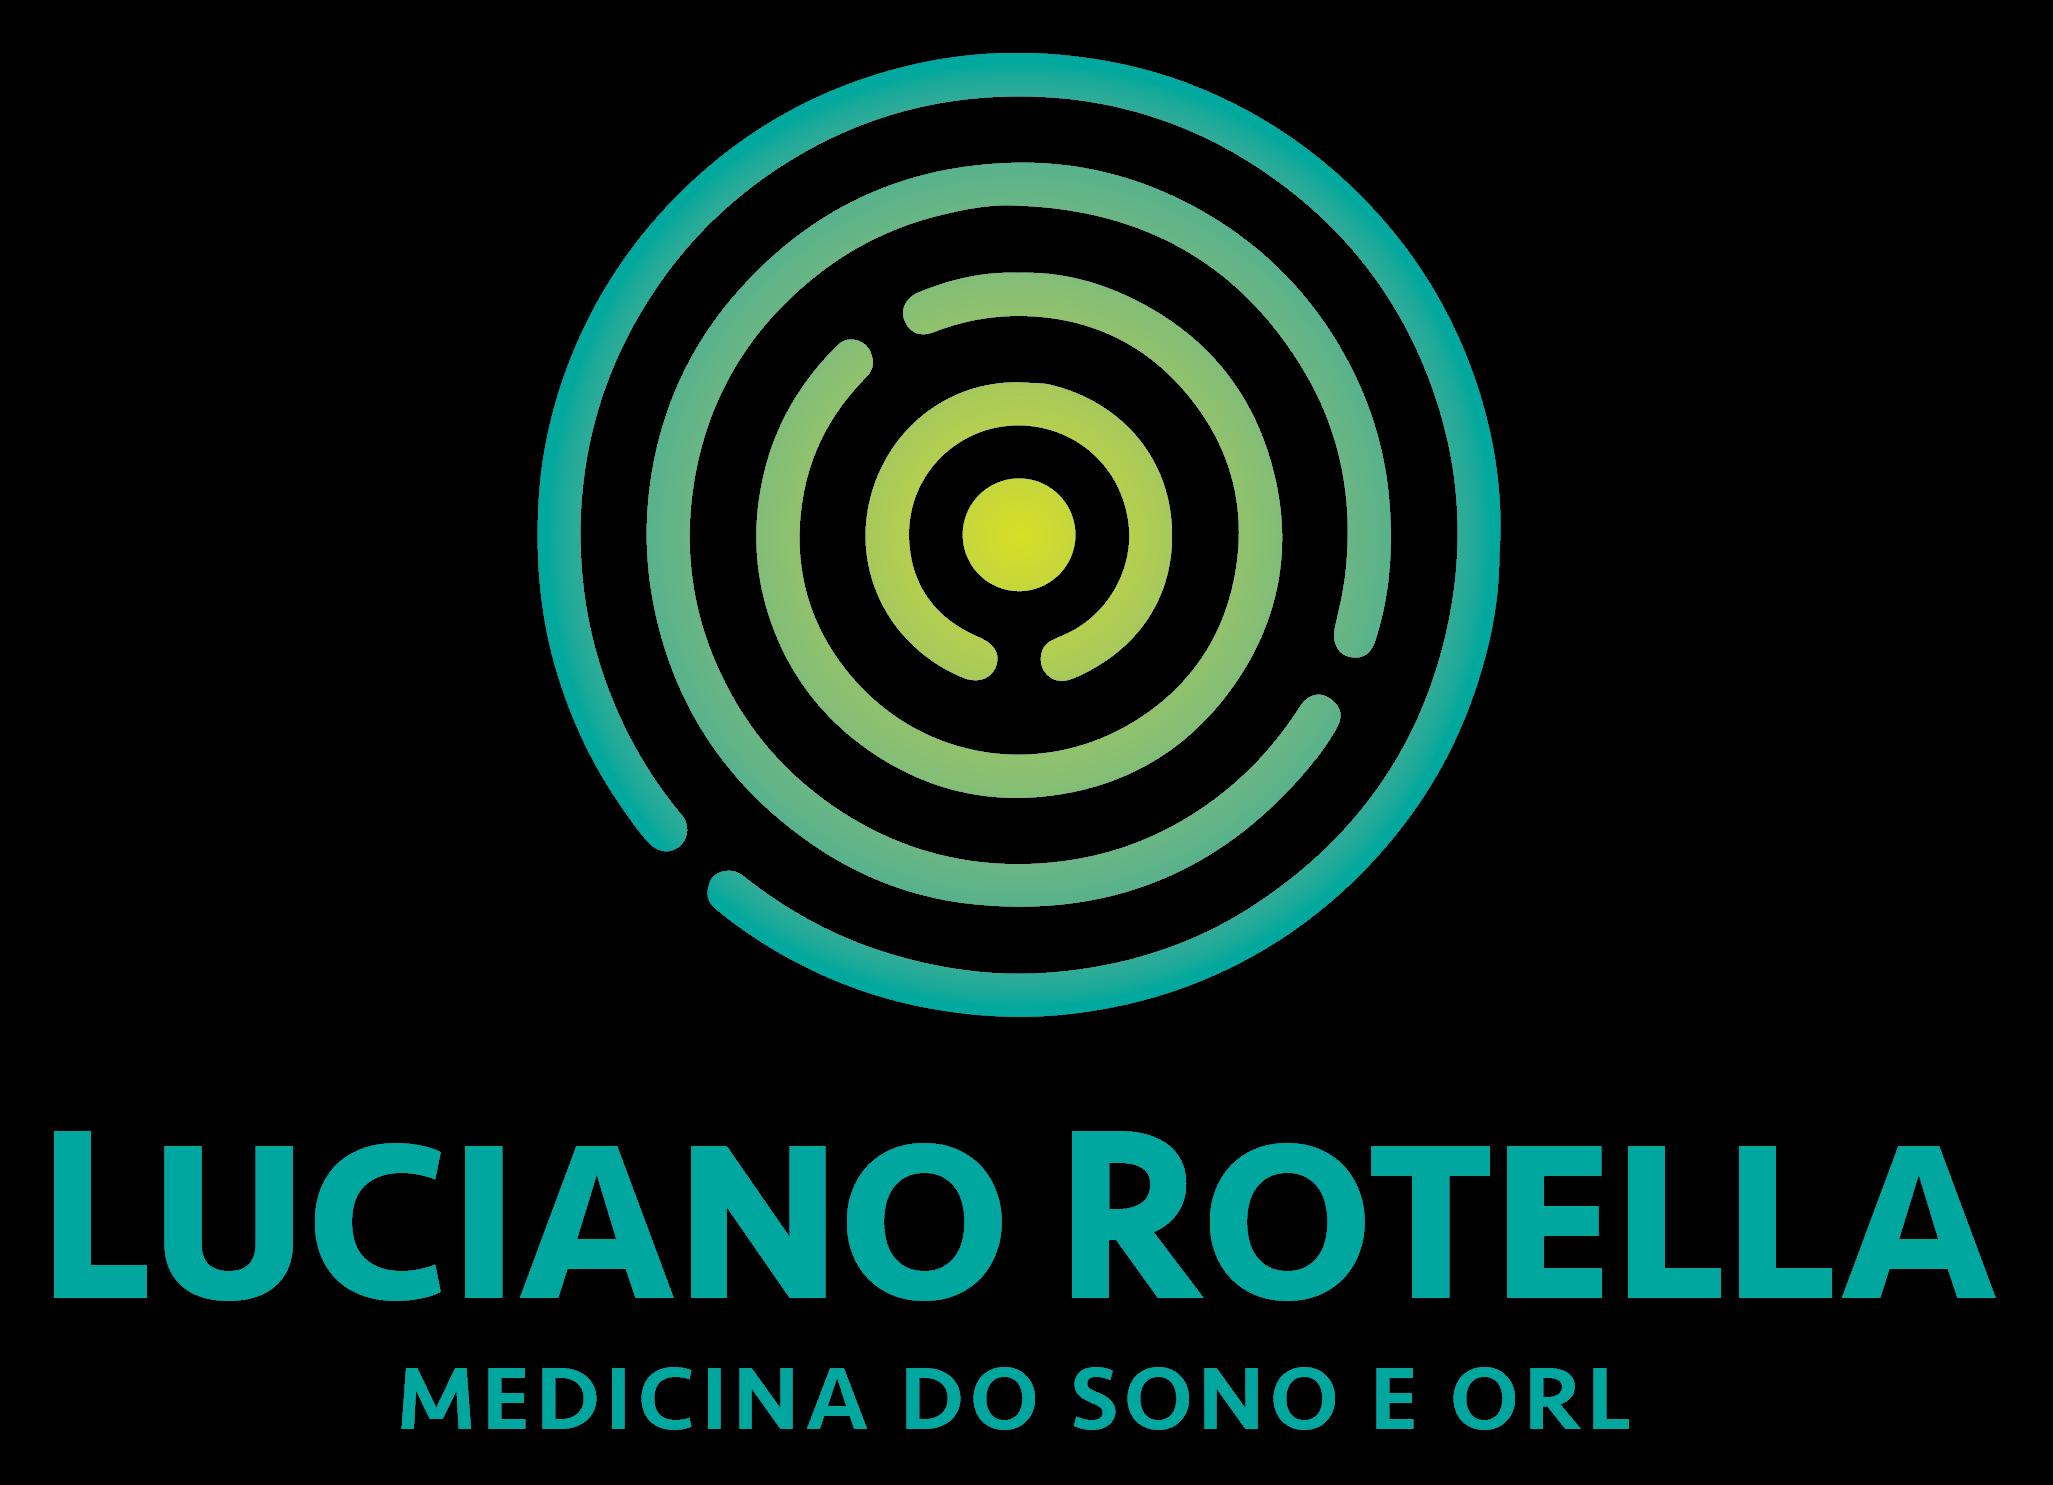 Dr. Luciano Rotella